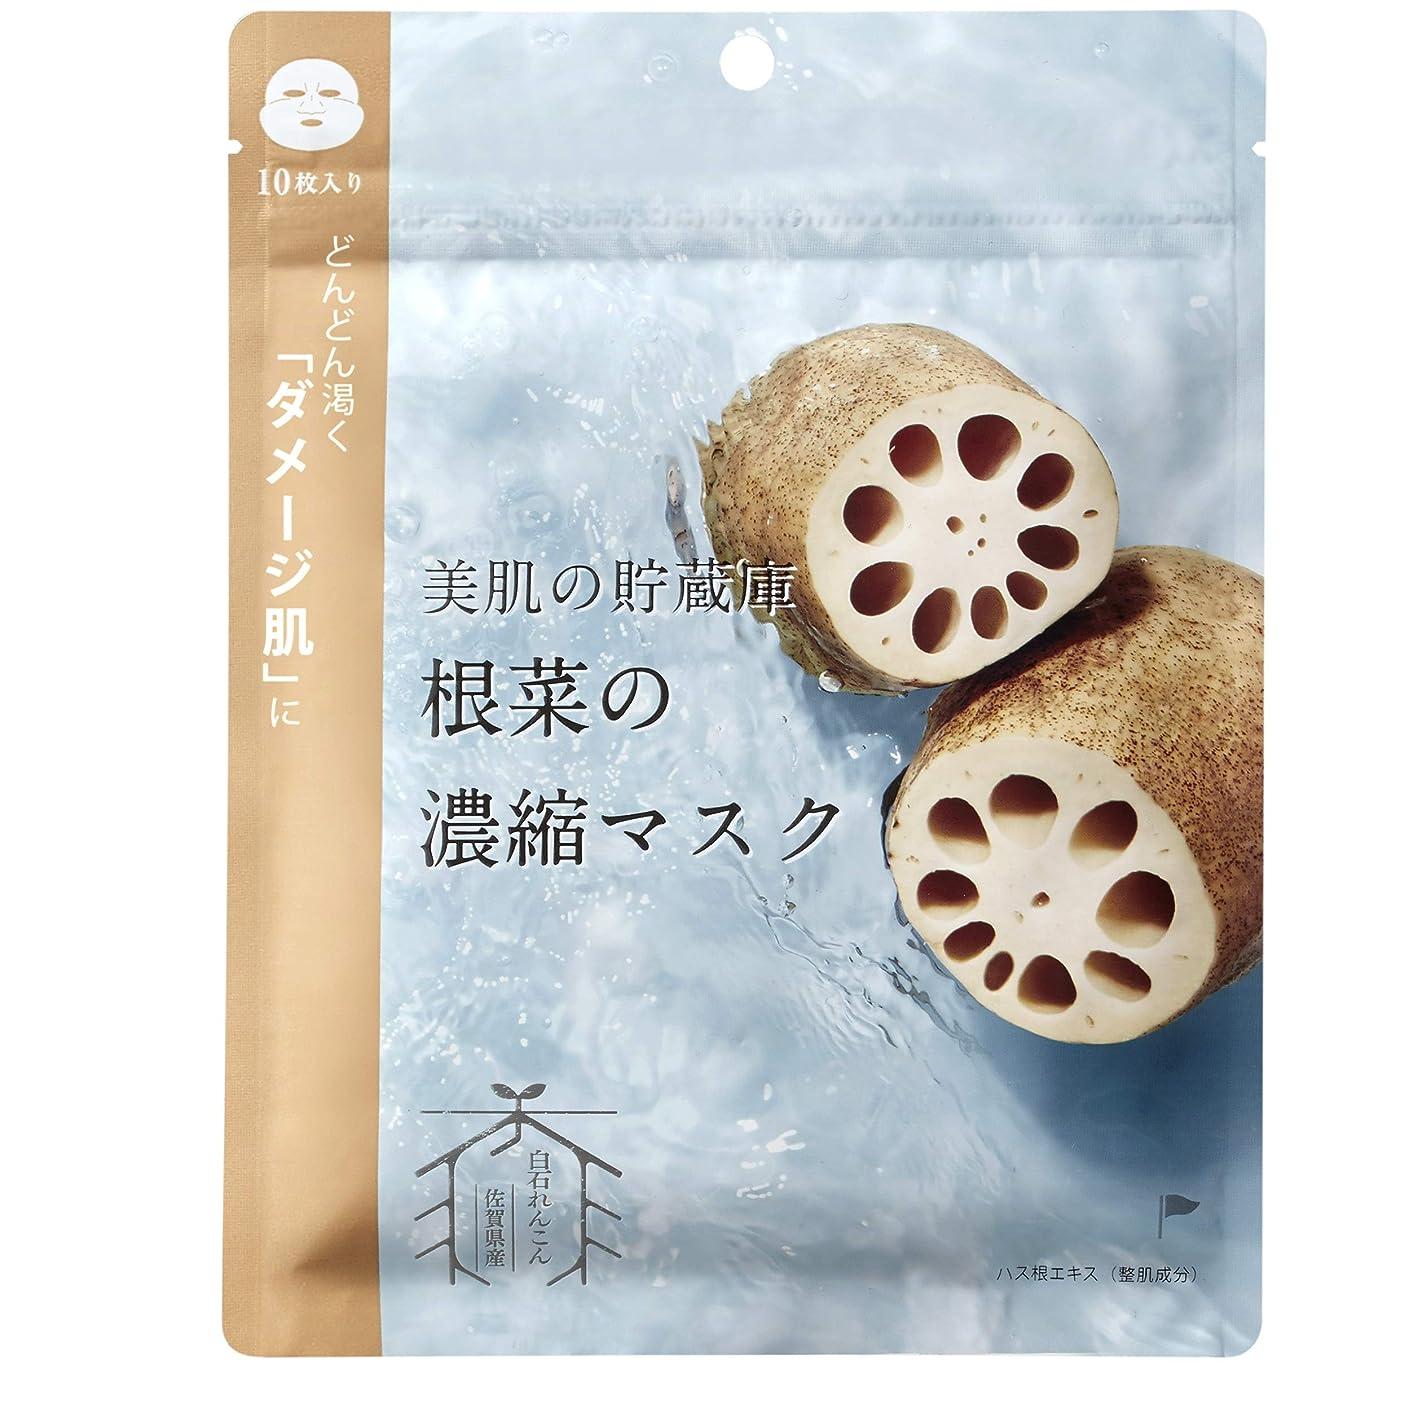 結紮モーター開いた@cosme nippon 美肌の貯蔵庫 根菜の濃縮マスク 白石れんこん 10枚入 160ml